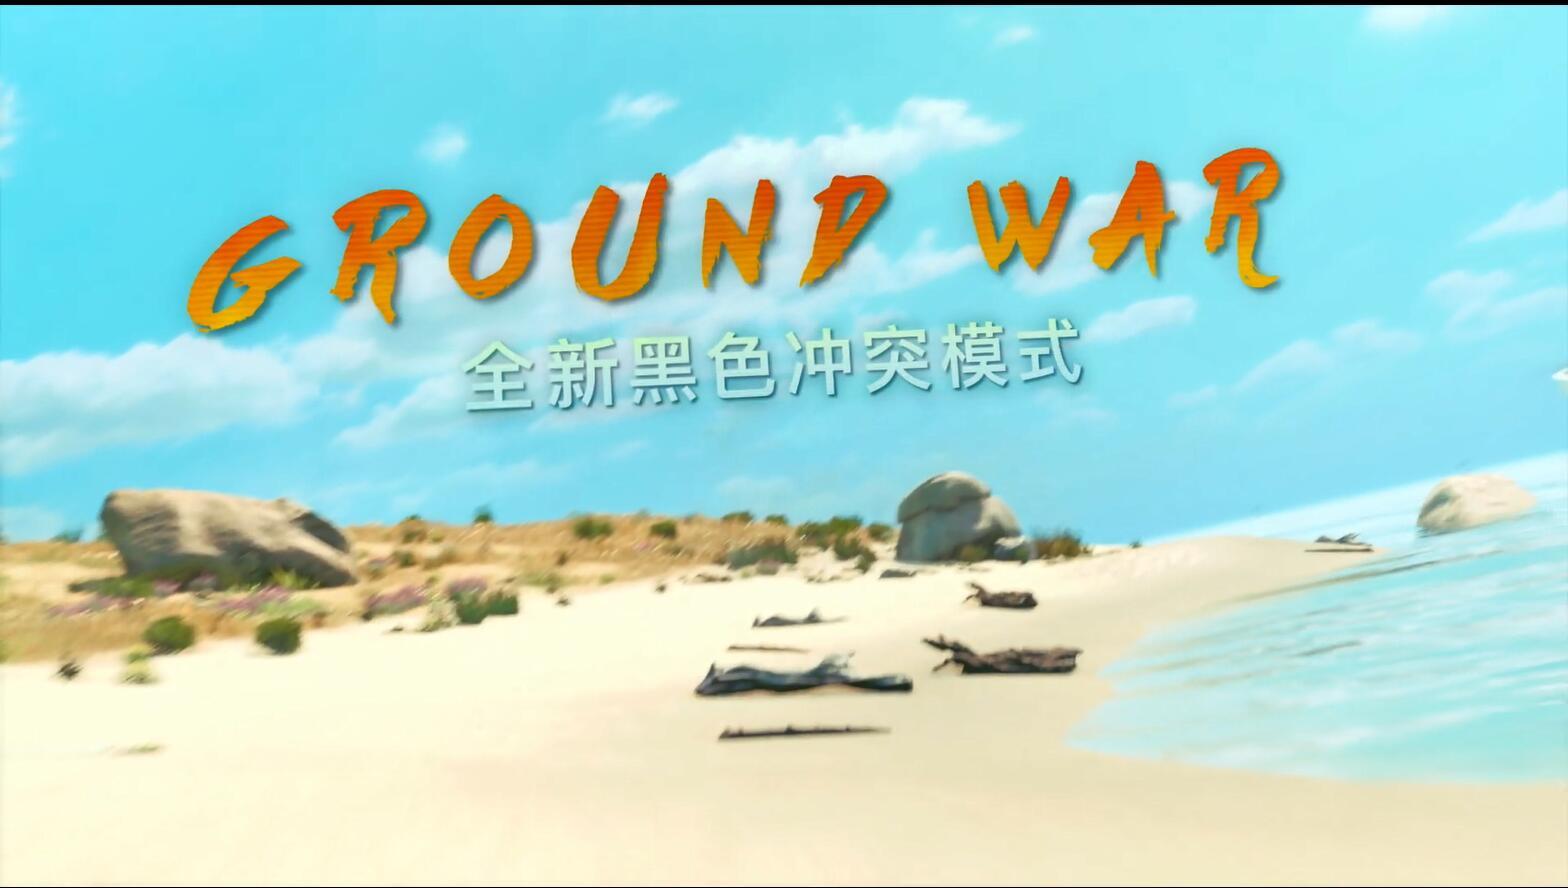 帶著泳圈上戰場!《黑色行動4》夏日時光活動宣傳片